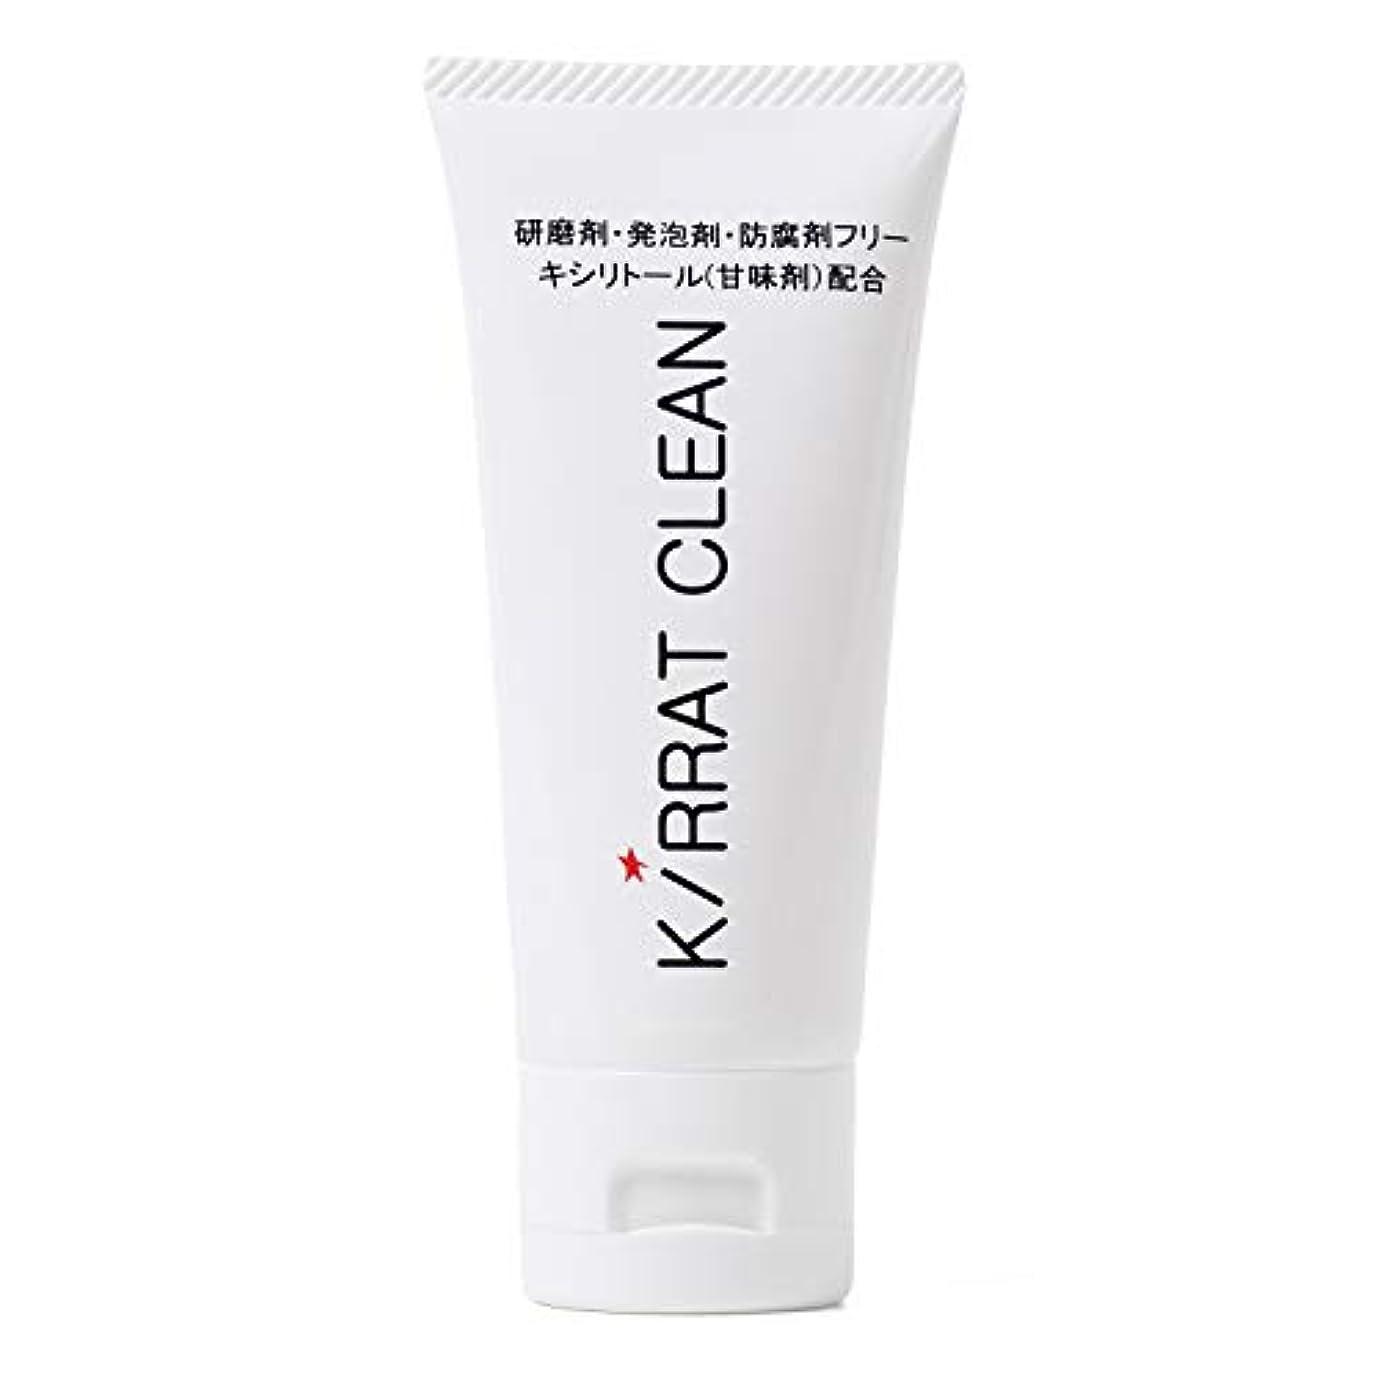 モンキージャンクション接触YUZO 歯磨き粉 キラットクリーン 60g 研磨剤 発泡剤 防腐剤フリー